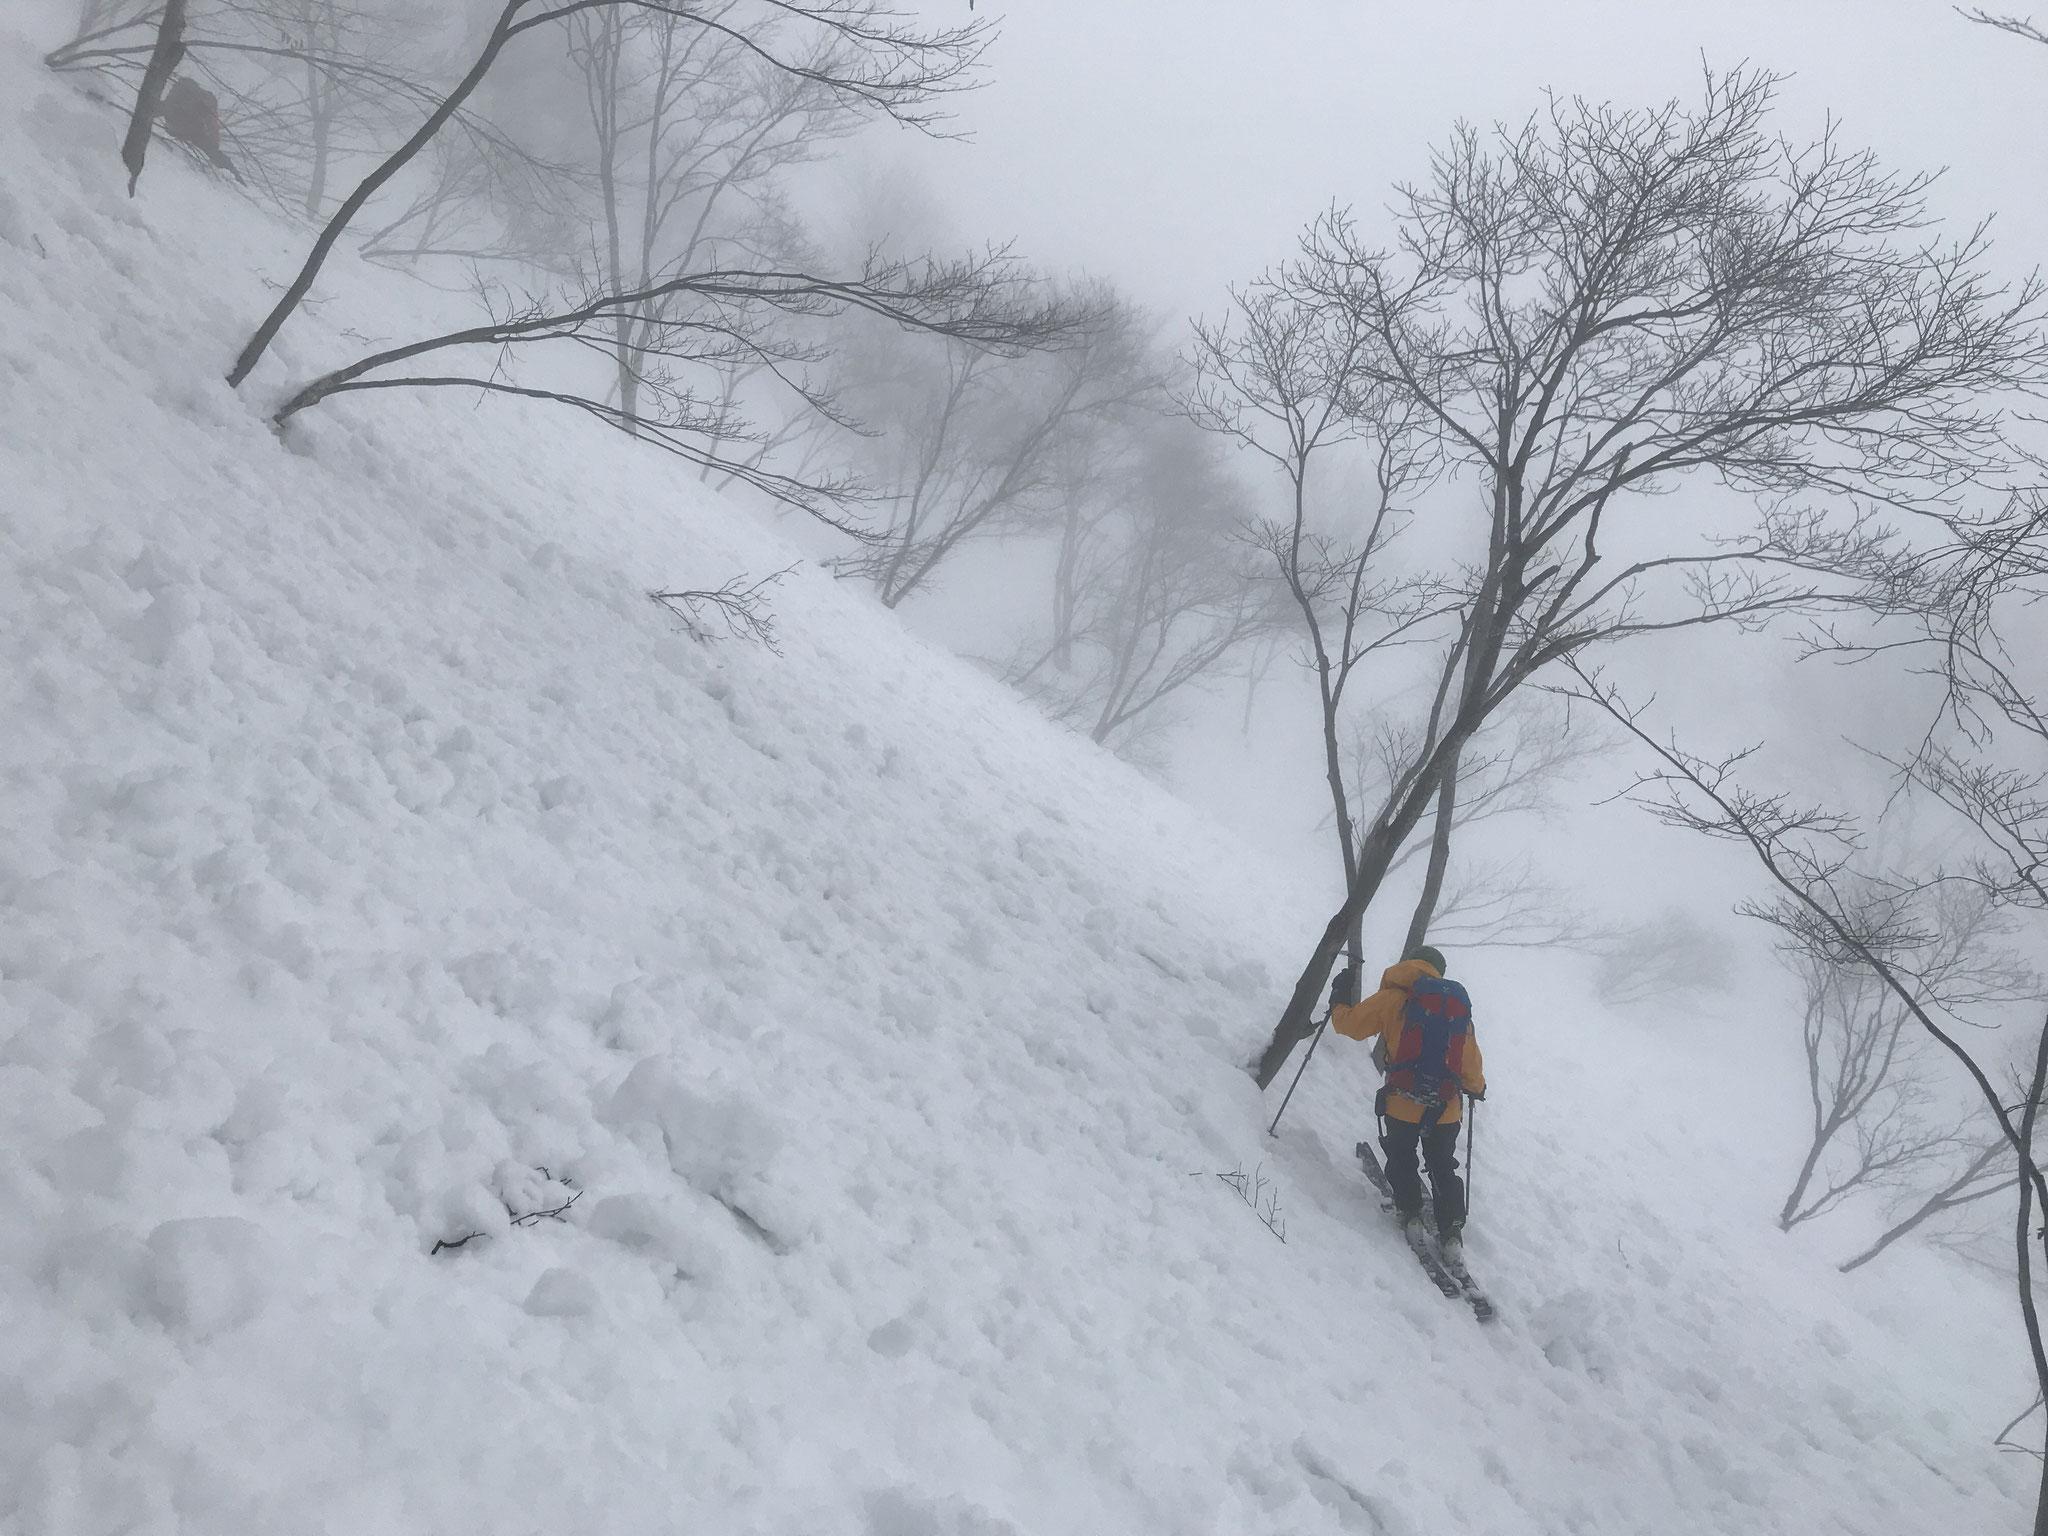 中間部はモナカ雪で、斜面はシュプールで大荒れ